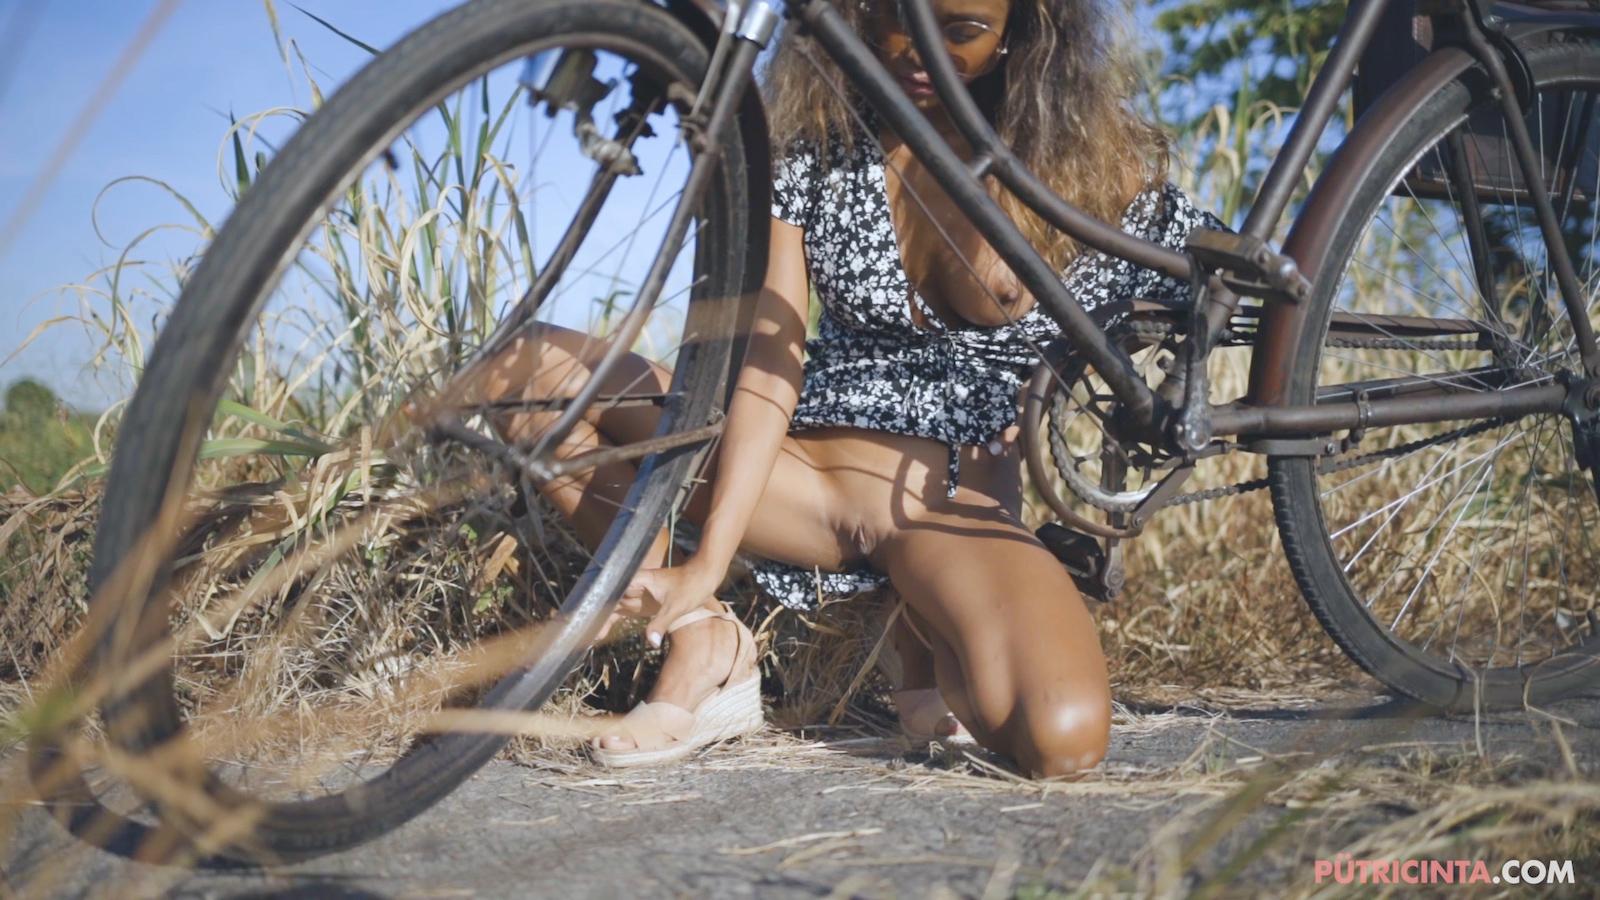 024-cyclingcommando-Putri-Cinta-Mainvid-stills-63.jpg